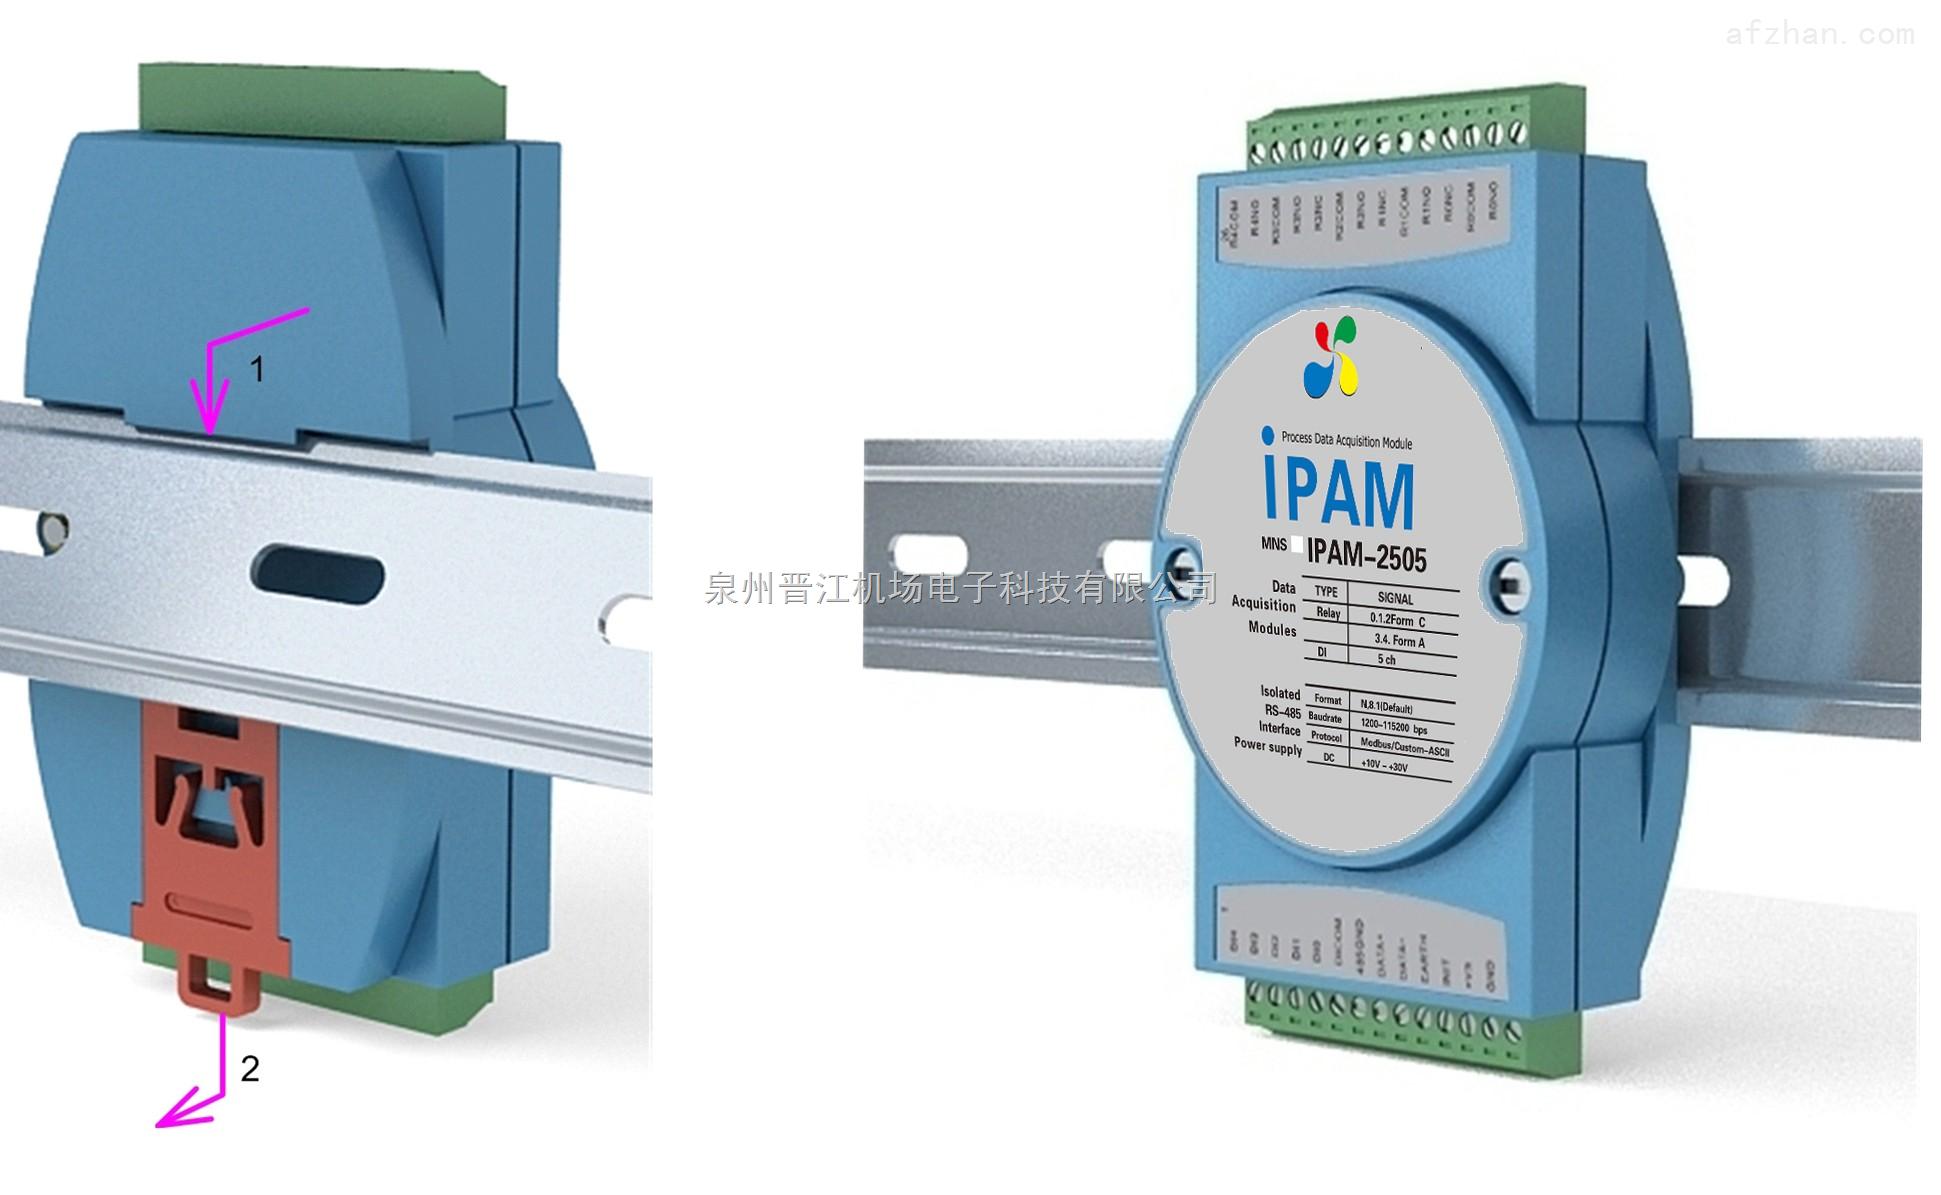 晋江机场电子-隔离数字量输入|数据采集隔离模块|rs485控制继电器输出